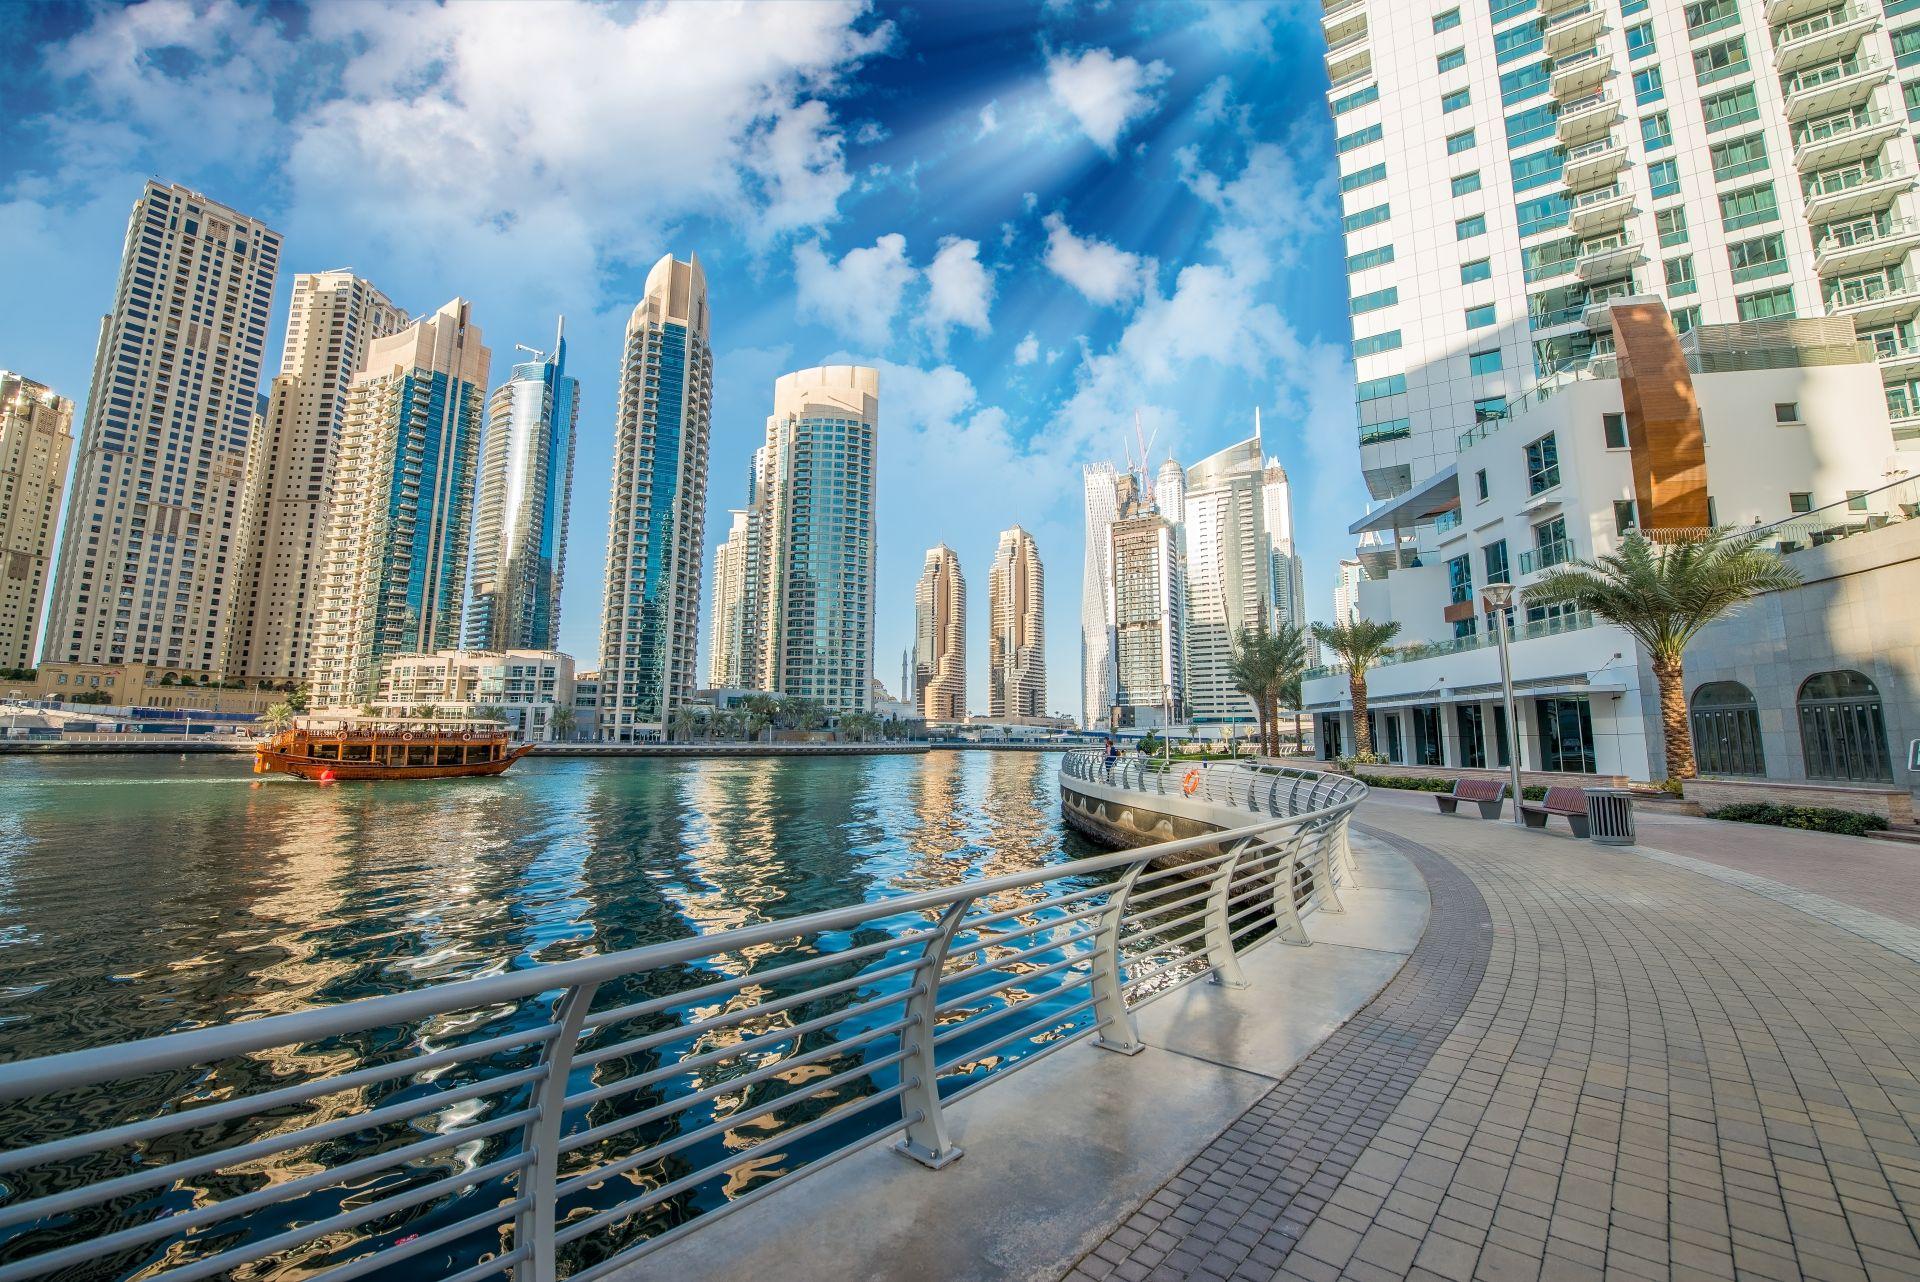 8. Обединените арабски емирства е с население  9,7 млн. души. На снимката е изглед от Дубай